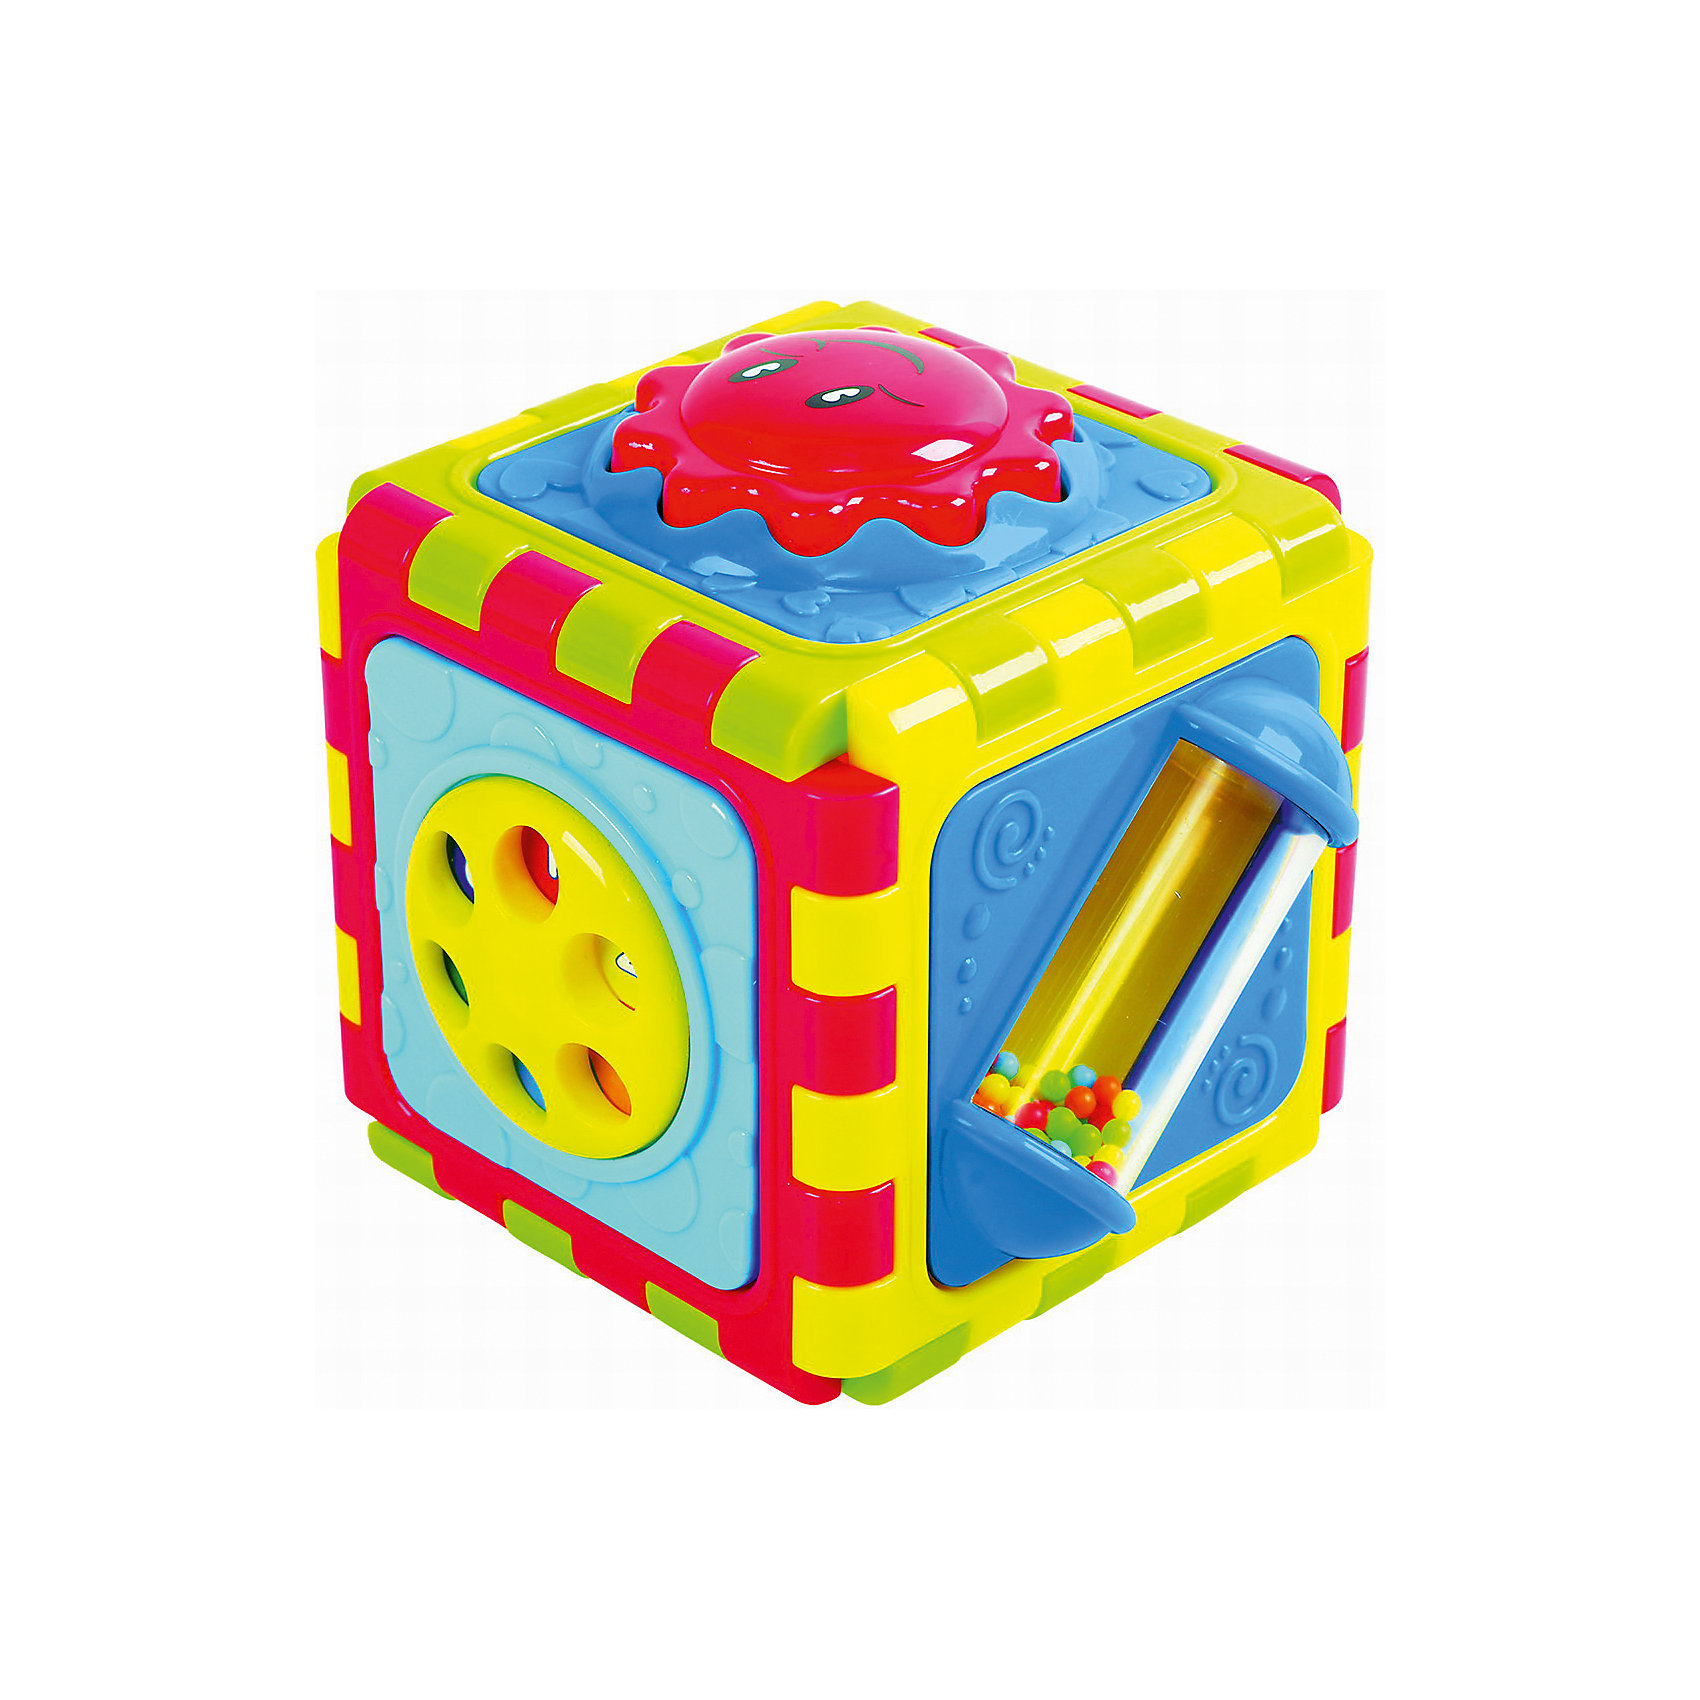 Развивающая игрушка Куб  6 в 1, PlaygoРазвивающие игрушки<br>Развивающая игрушка Куб  6 в 1, Playgo<br><br>Характеристики:<br>- Материал: пластик<br>- Размер: 10 * 10 * 11,5 см.<br>Куб 5 в 1 от известного китайского бренда развивающих игрушек для детей Playgo (Плейго) станет прекрасным подарком для крохи. Целых шесть сторон веселья предоставляет этот куб. Кнопочки, колечки, зеркало, барабан с яркими шариками и крутящийся круг позволят развить логическое мышление в ходе решения всех загадок. Куб можно разложить и превратить его в развивающий коврик, или соорудить из него что захочется. Изготовленная из качественного пластика, разноцветная игрушка способствует развитию тактильных ощущений, звукового восприятия, воображения, световое восприятия и моторики ручек. Небольшой размер позволит брать эту игрушку на прогулку и в поездку.<br>Развивающую игрушку  Куб  6 в 1, Playgo (Плейго) можно купить в нашем интернет-магазине.<br>Подробнее:<br>• Для детей в возрасте: от 6 до 24 месяцев <br>• Номер товара: 5054067<br>Страна производитель: Китай<br><br>Ширина мм: 160<br>Глубина мм: 160<br>Высота мм: 160<br>Вес г: 500<br>Возраст от месяцев: 12<br>Возраст до месяцев: 36<br>Пол: Унисекс<br>Возраст: Детский<br>SKU: 5054067